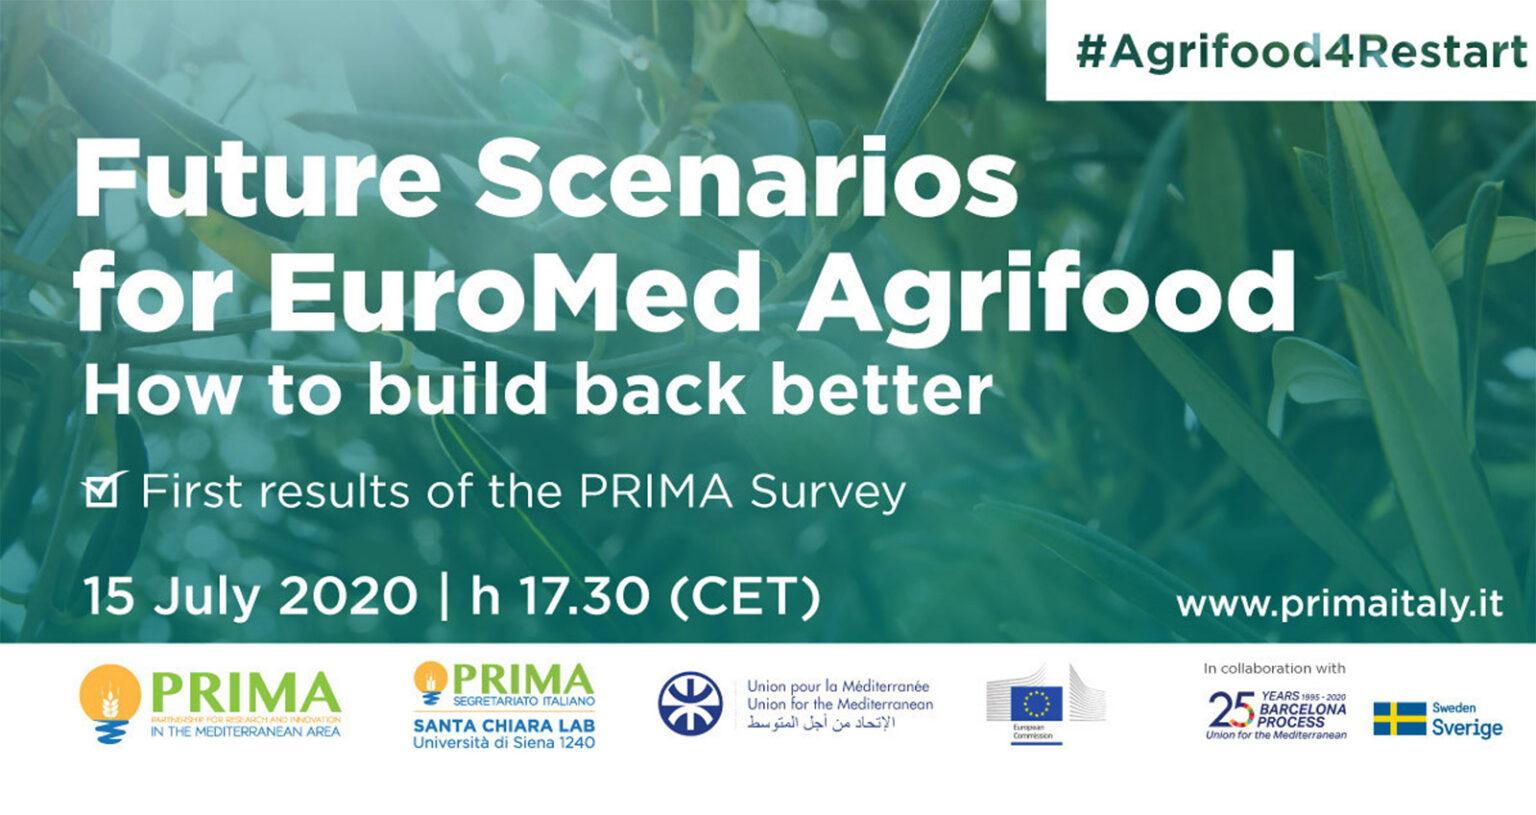 Gli scenari futuri dell'Agrifood, tra innovazione e sostenibilità